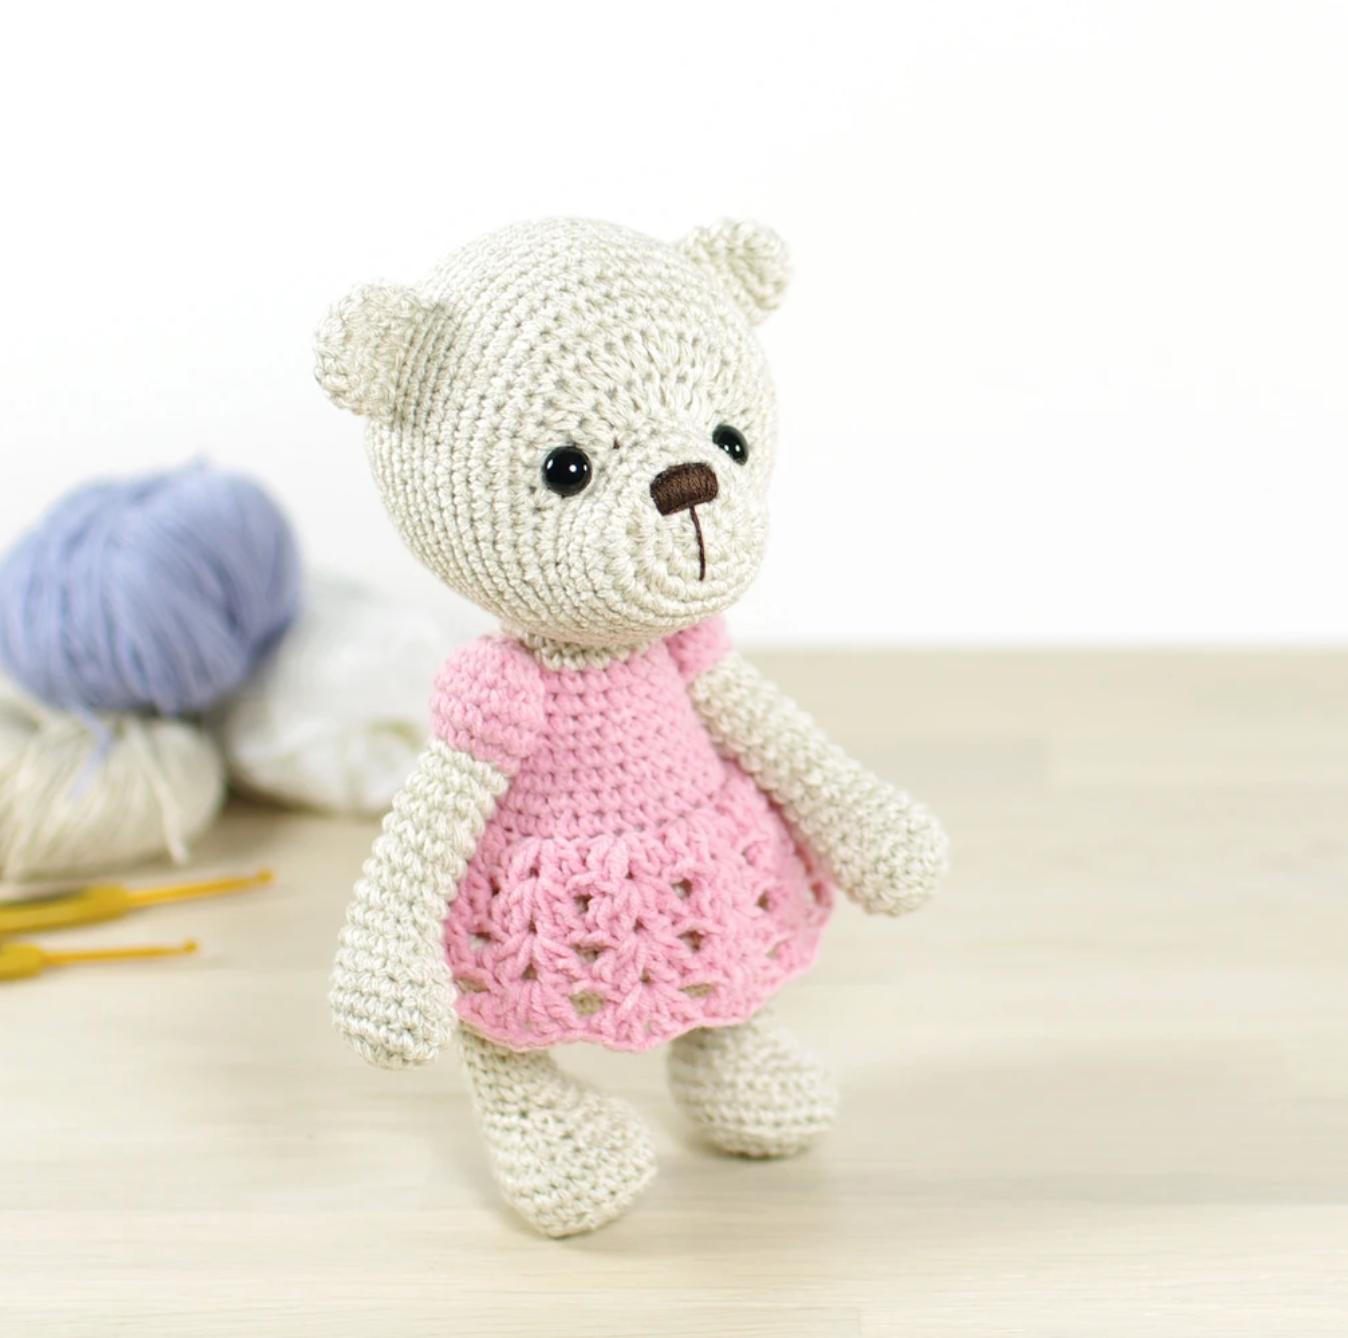 Teddy the little crochet teddy bear